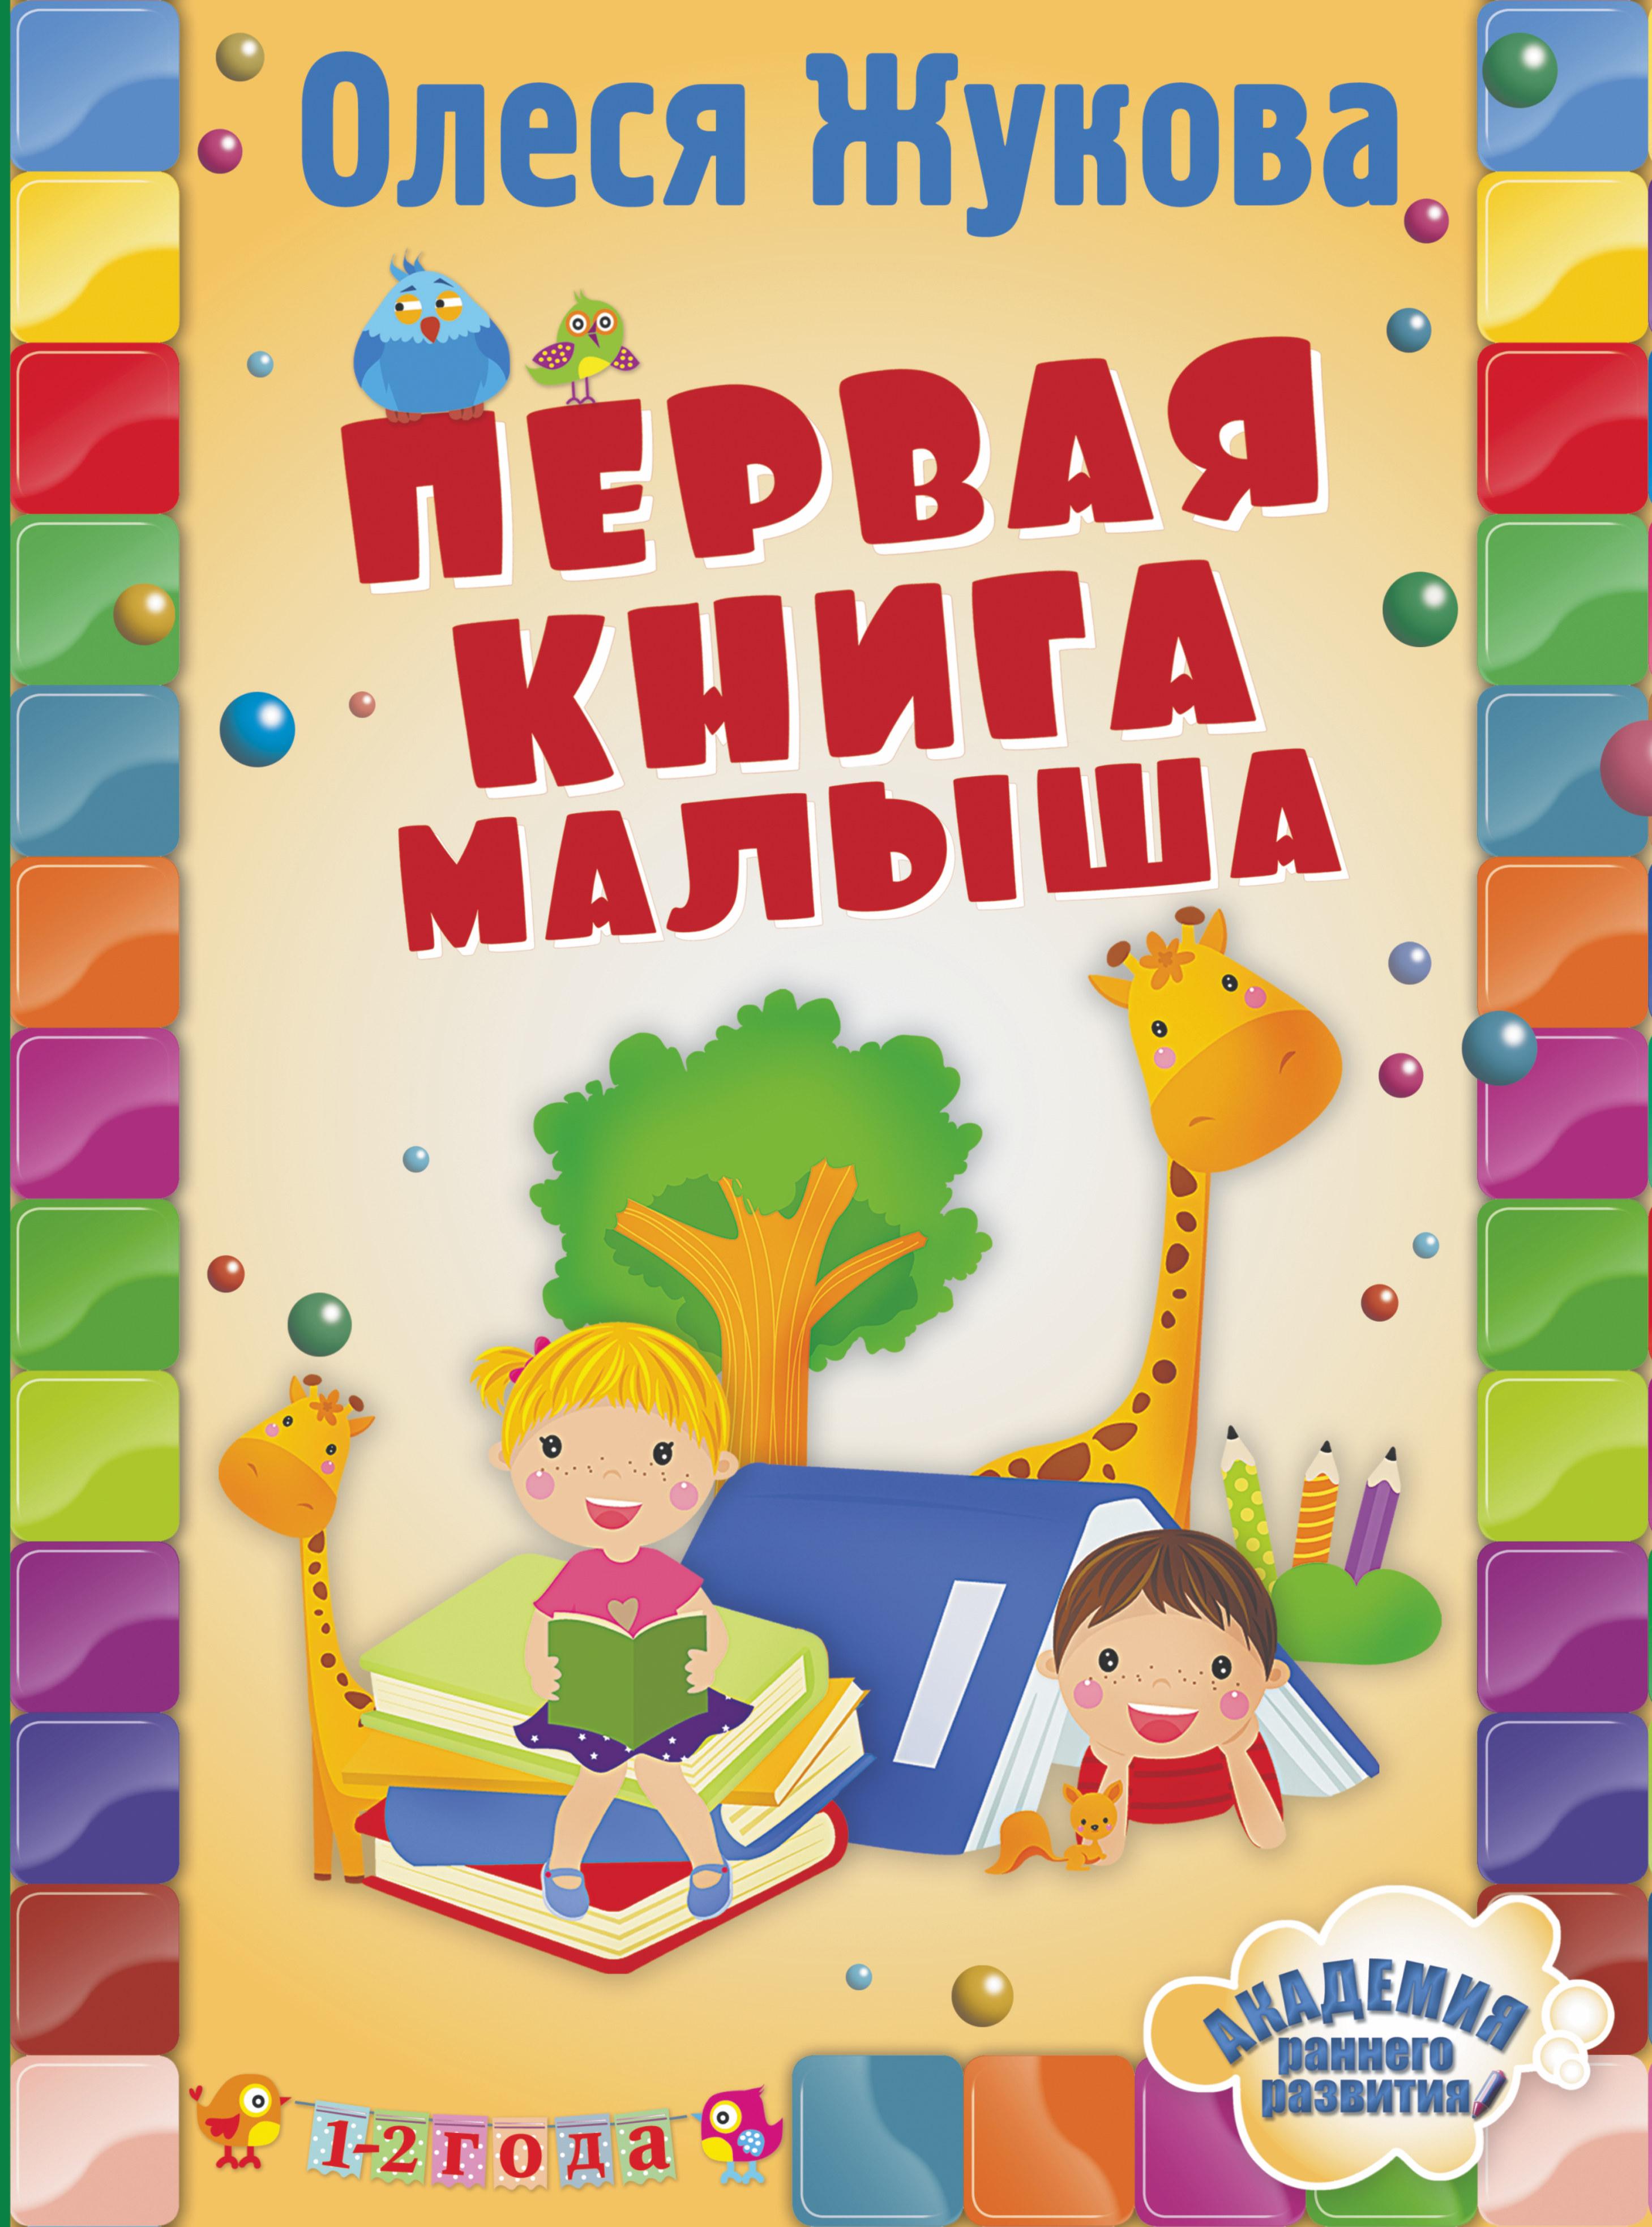 Купить со скидкой Первая книга малыша